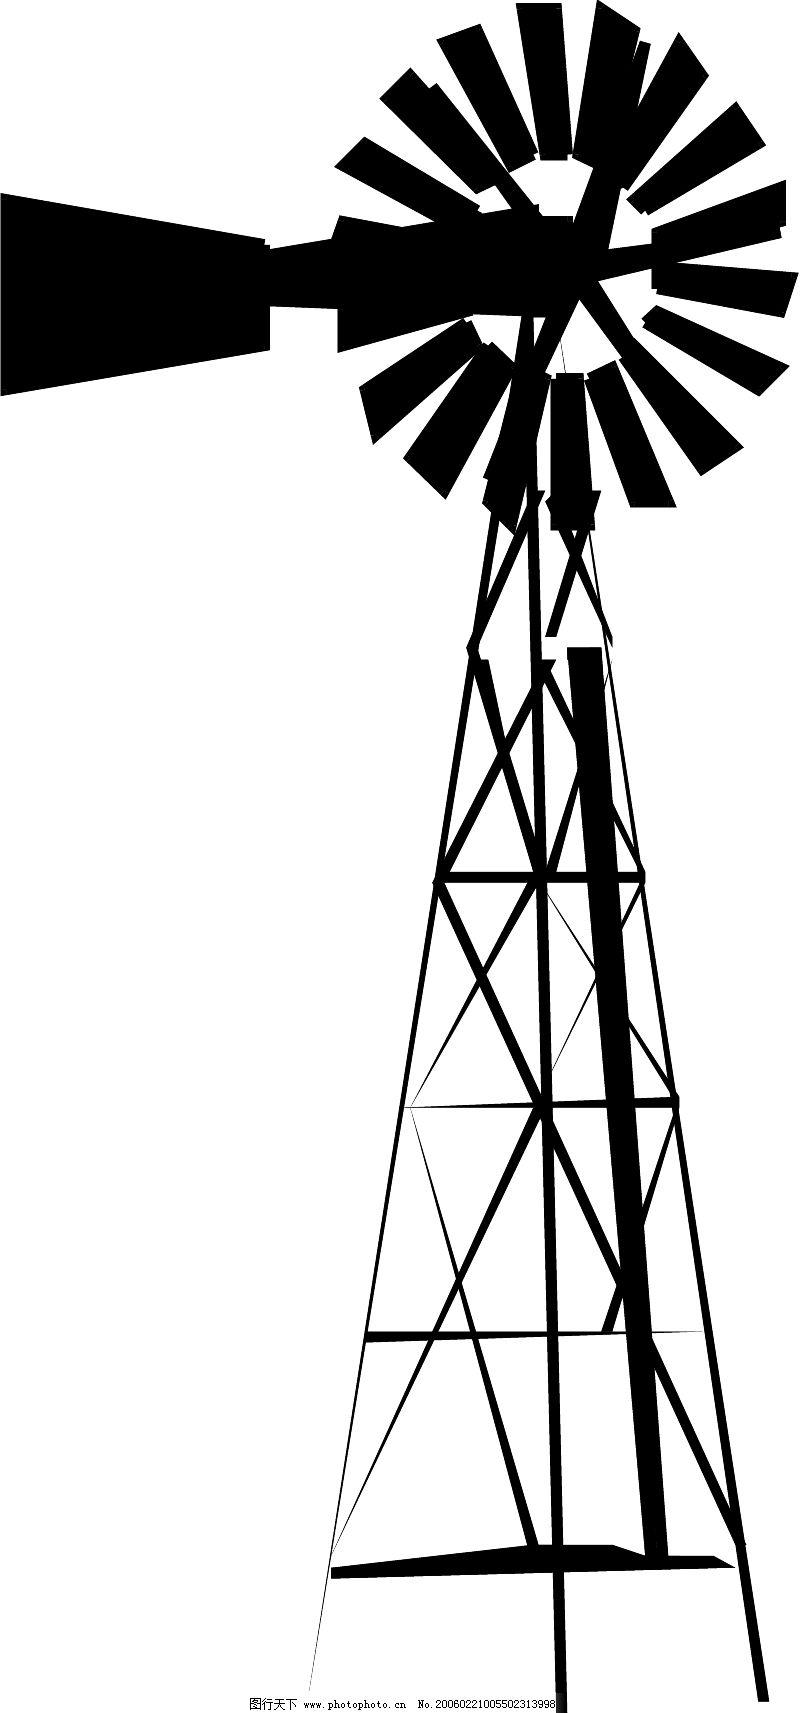 农业机械与庄稼0203_其他_矢量图_图行天下图库